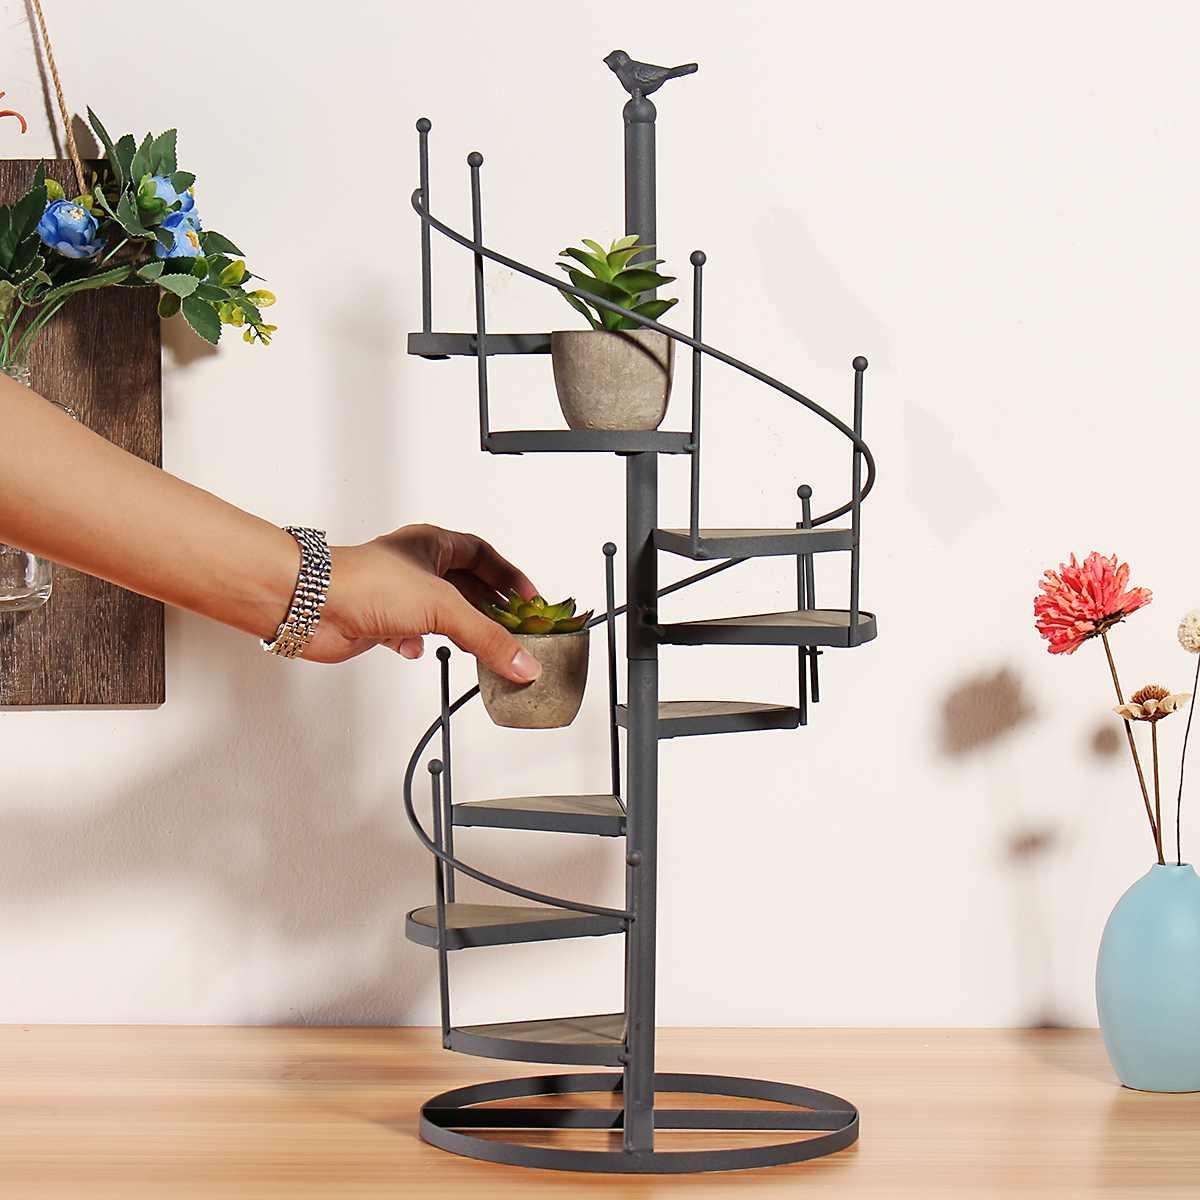 Современная декоративная железная стойка для растений, подставка для растений, суккулентов, 8-уровневая подставка в форме лестницы, настоль...